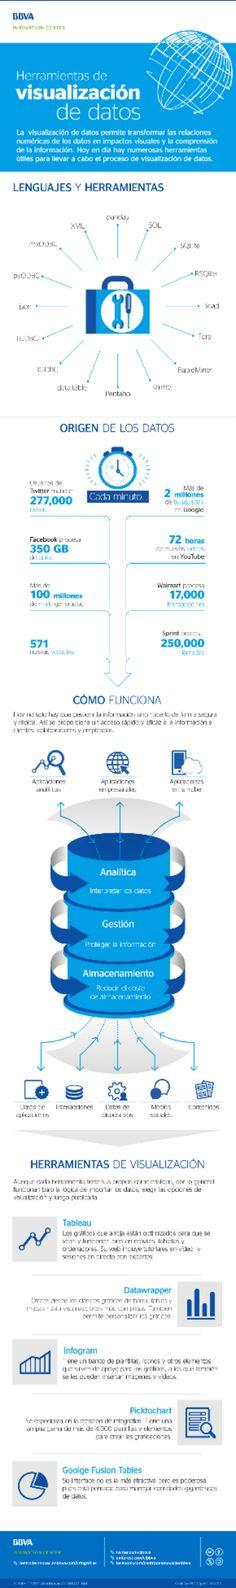 Herramientas para la visualización de datos - http://conecta2.cat/herramientas-para-la-visualizacion-de-datos/